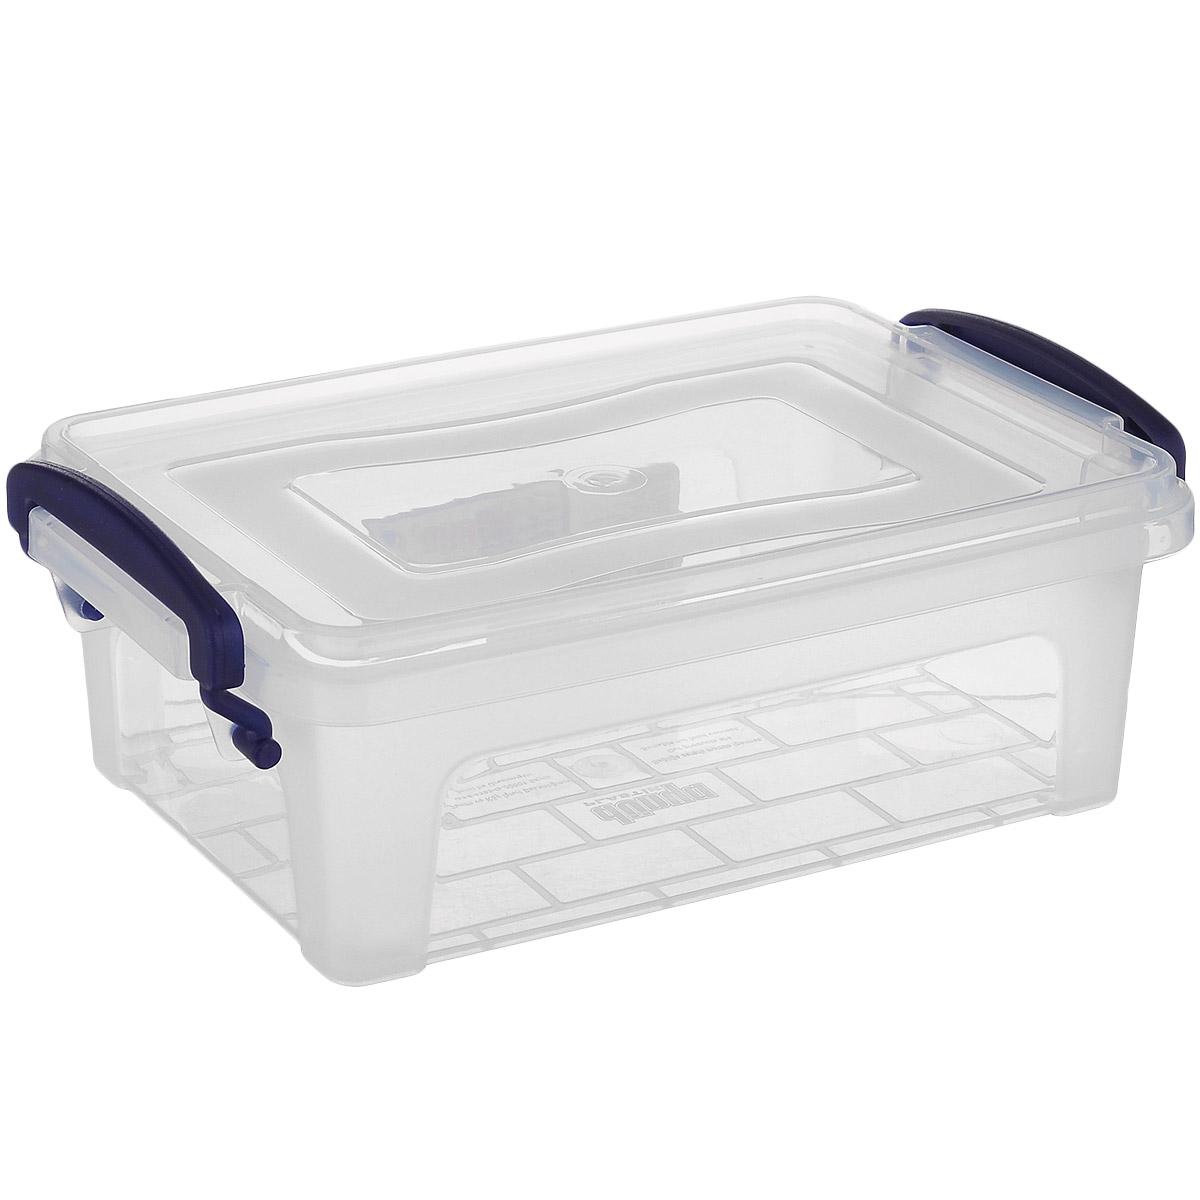 ��������� Dunya Plastik Clear Box, 1,25 �. 30151 - Dunya Plastik30151��������� Dunya Plastik Clear Box �������� �� �������� ��������. �� ������������ ��� �������� ��������� ������ �����. ������ ����� ����������� � ������ �����������. ���������� ������ ��������� ������ ����������. �� ����� ������������� ��� ������� �����, � ������� ������� ��������� �����������. ��������� ������� ������� ��� � ����� �����, � ����� �������� ���� �� ����, ����� � �����.